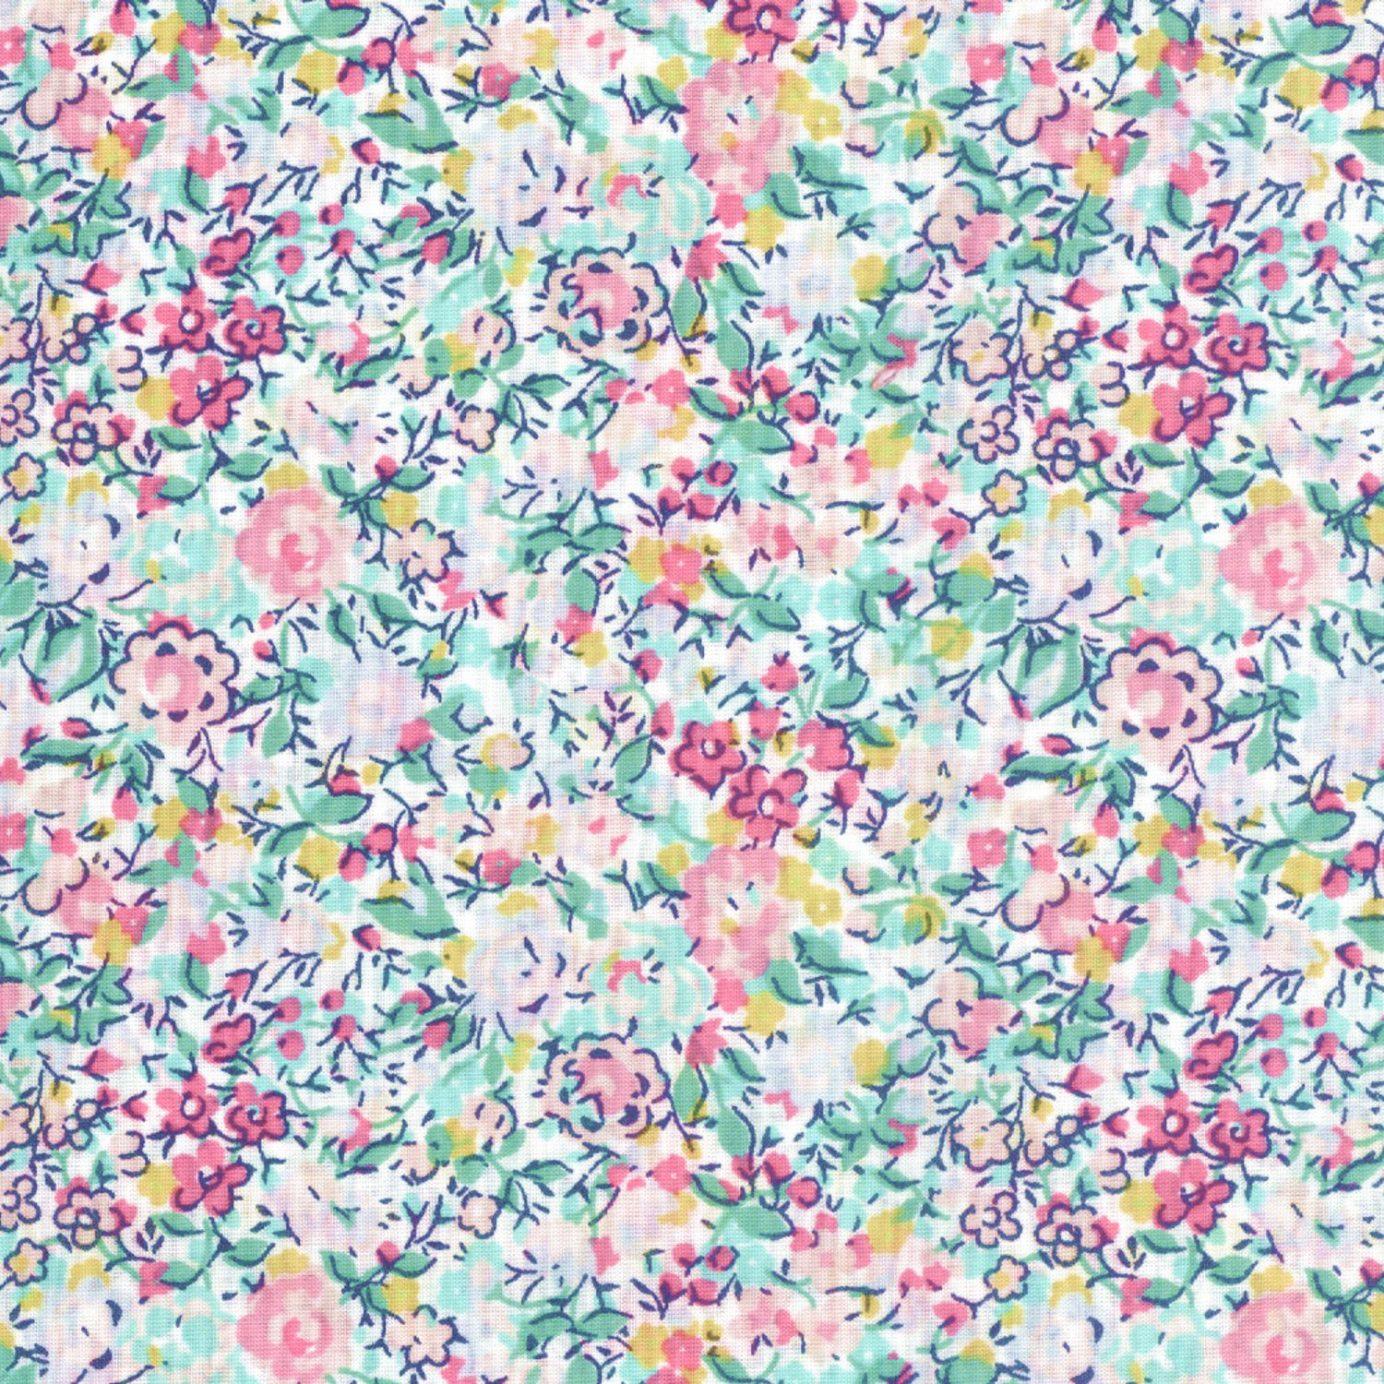 liberty-tana-lawn-fabric-emma-and-georgina-h